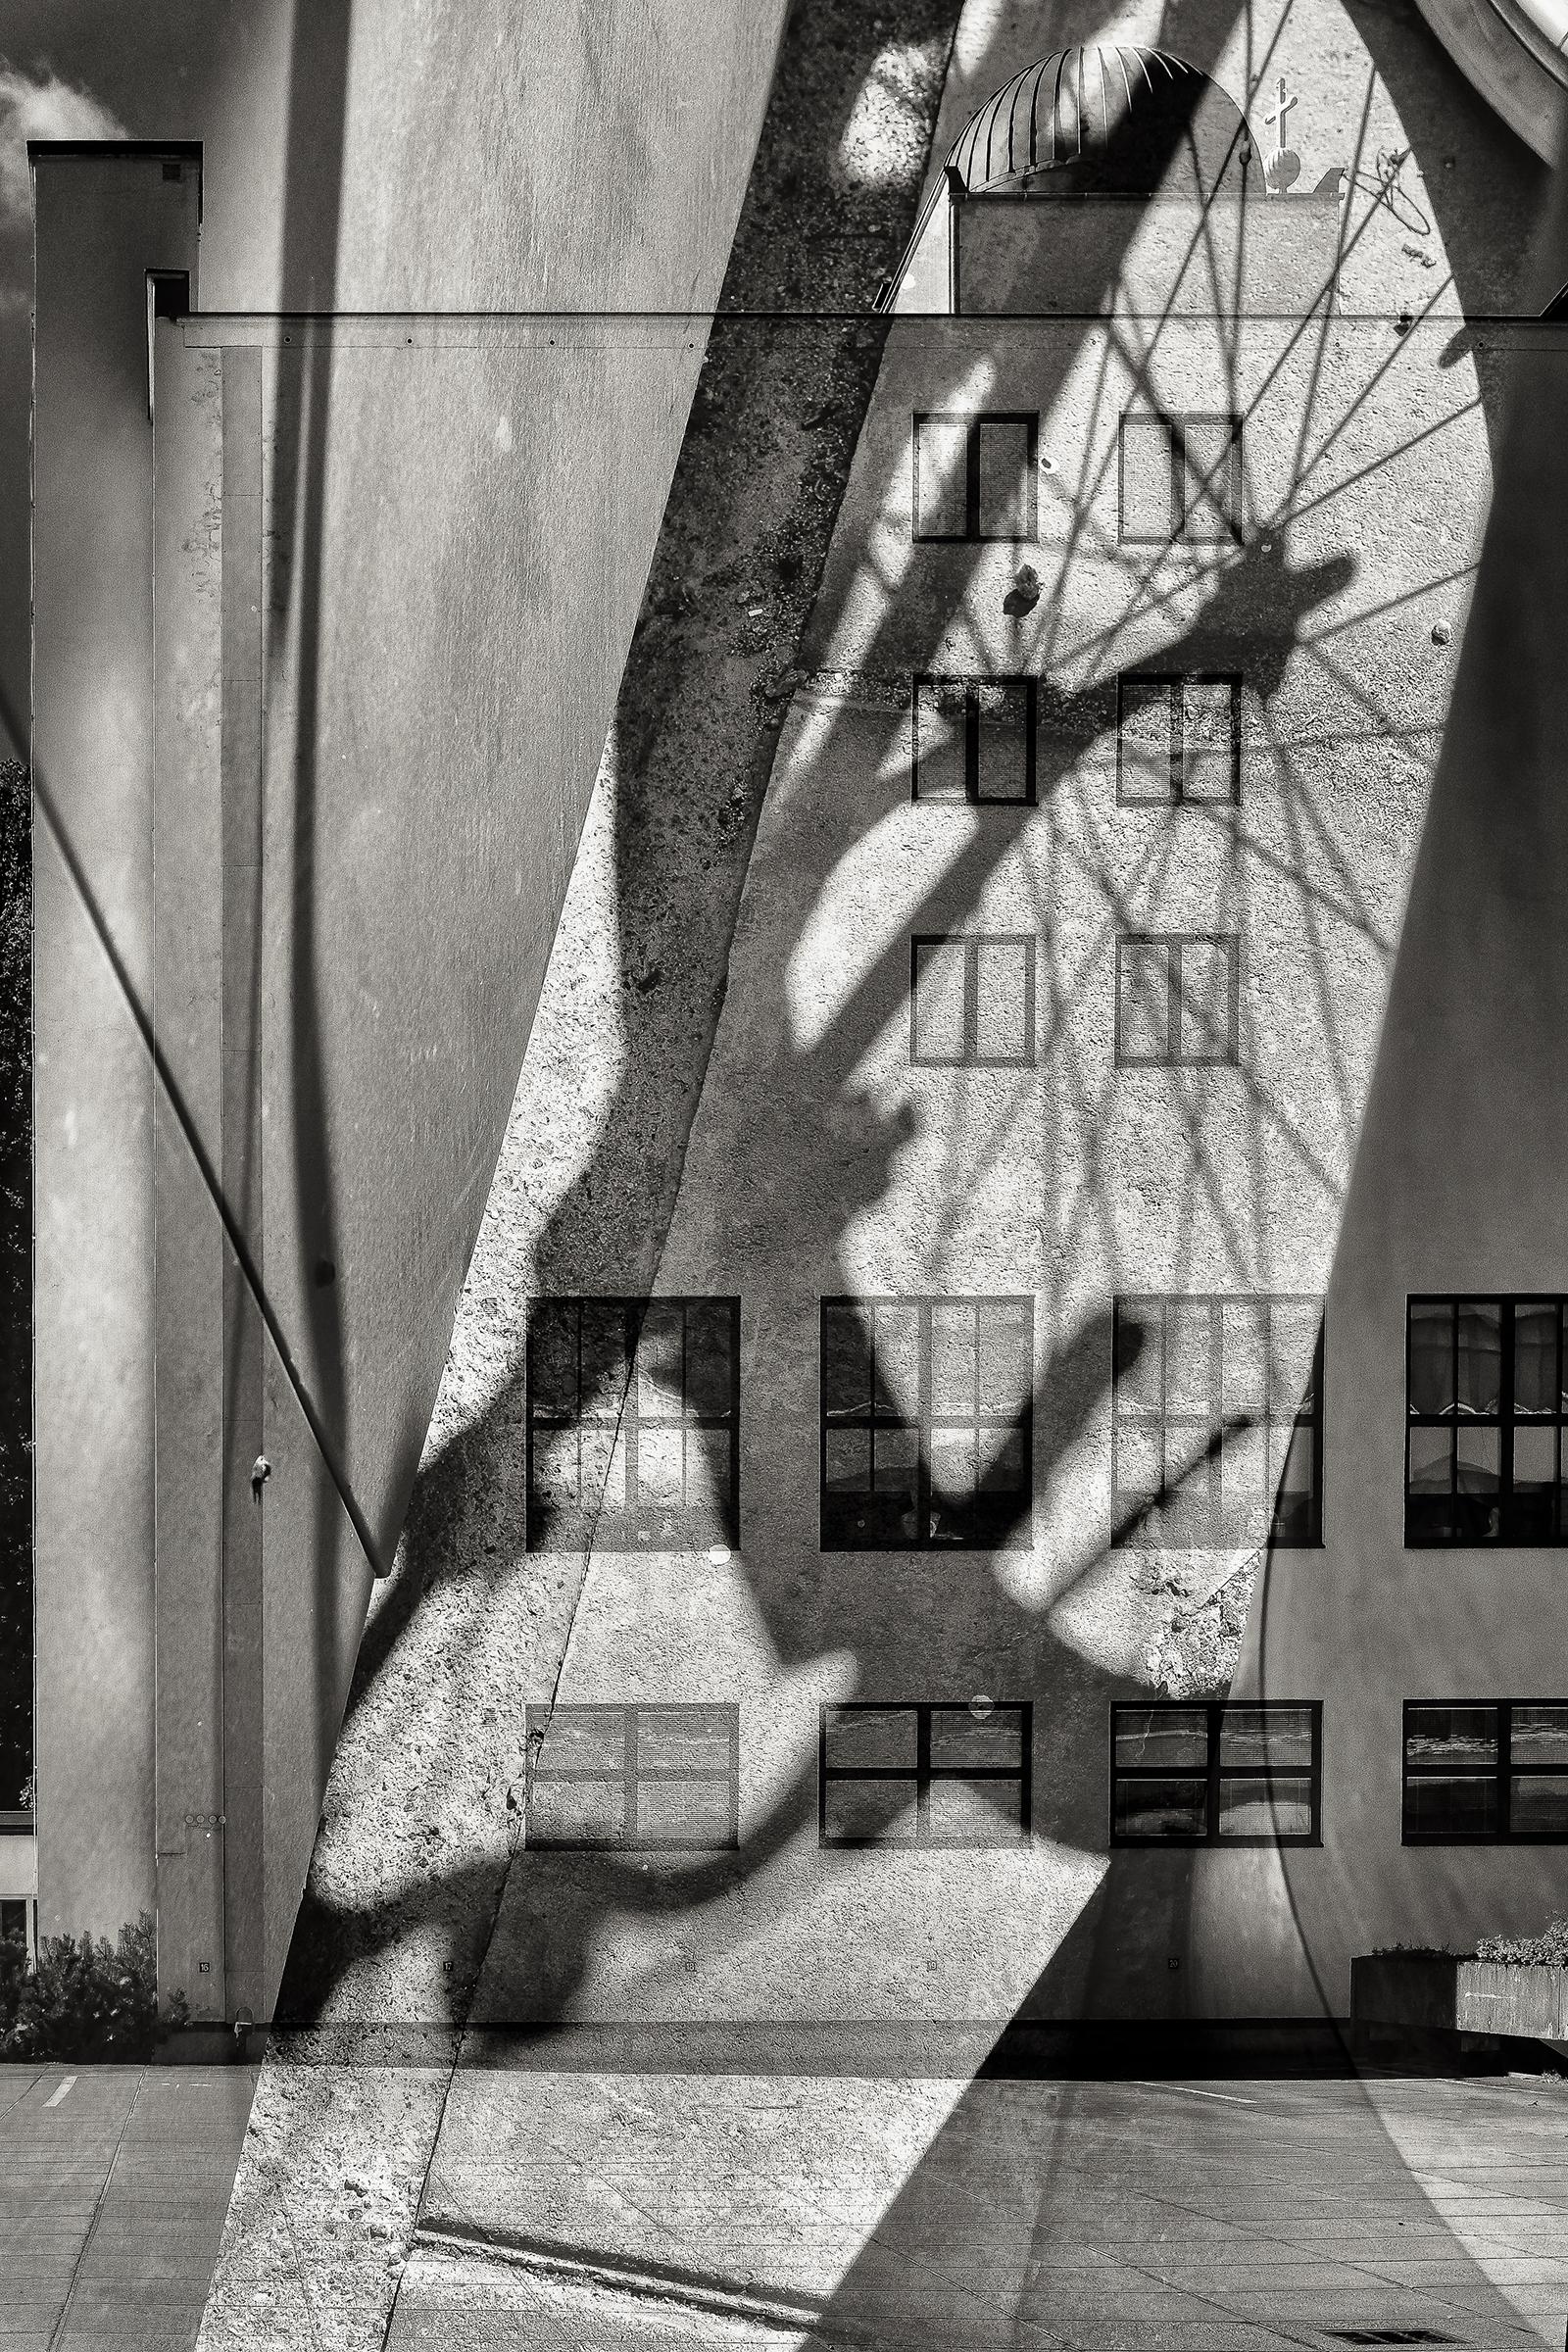 ARCHITECTURE LEFT BEHIND | Turku, Finland 2015